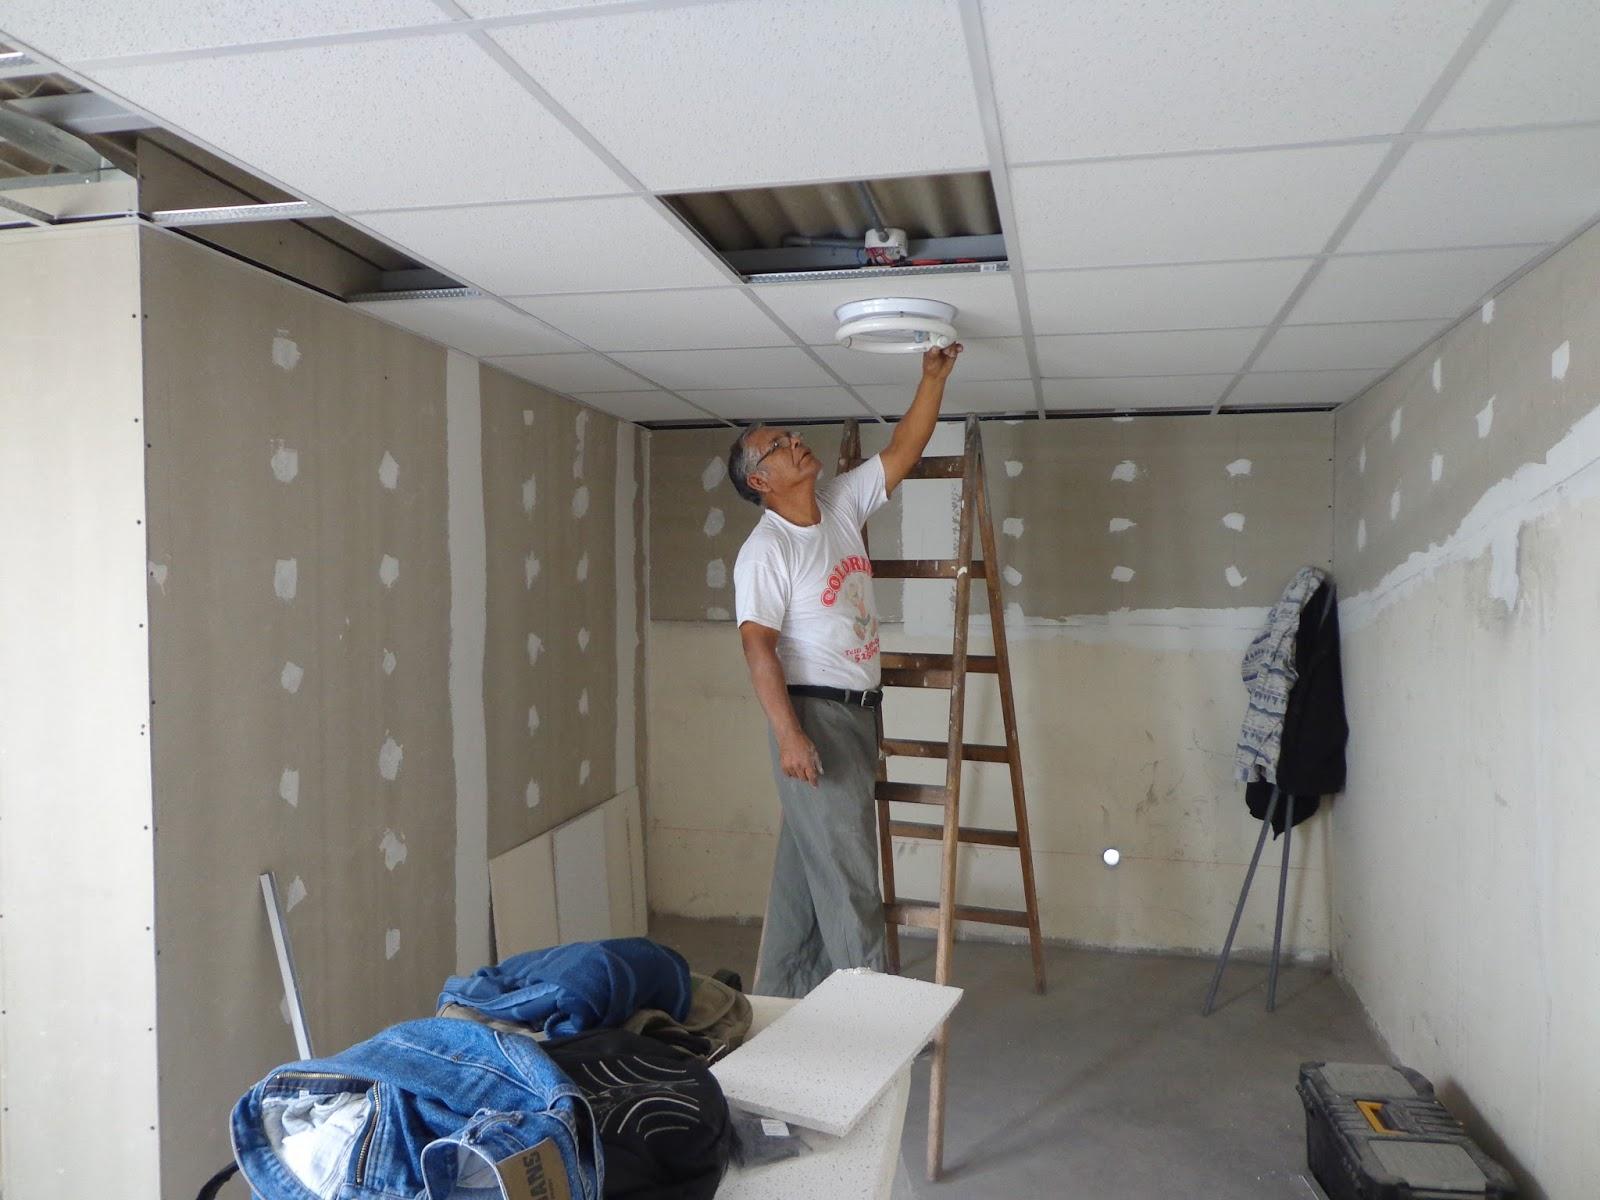 Estructuras metalicas drywall prefabricados lima peru - Estructuras metalicas para viviendas ...